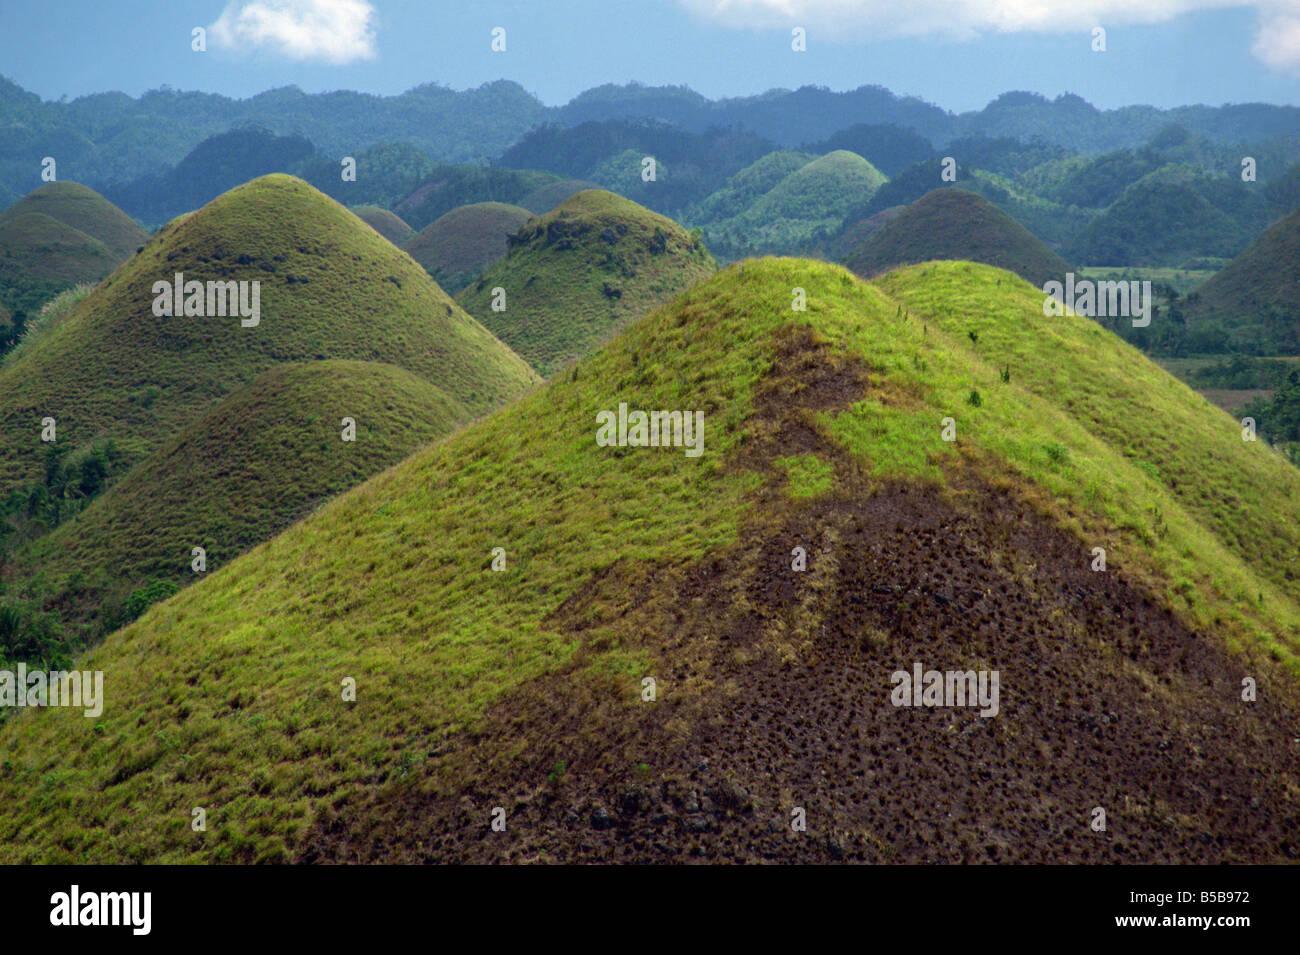 Die Chocolate Hills, eine berühmte geologische Kuriosität, mit mehr als 1000 von ihnen, auf der Insel Stockbild